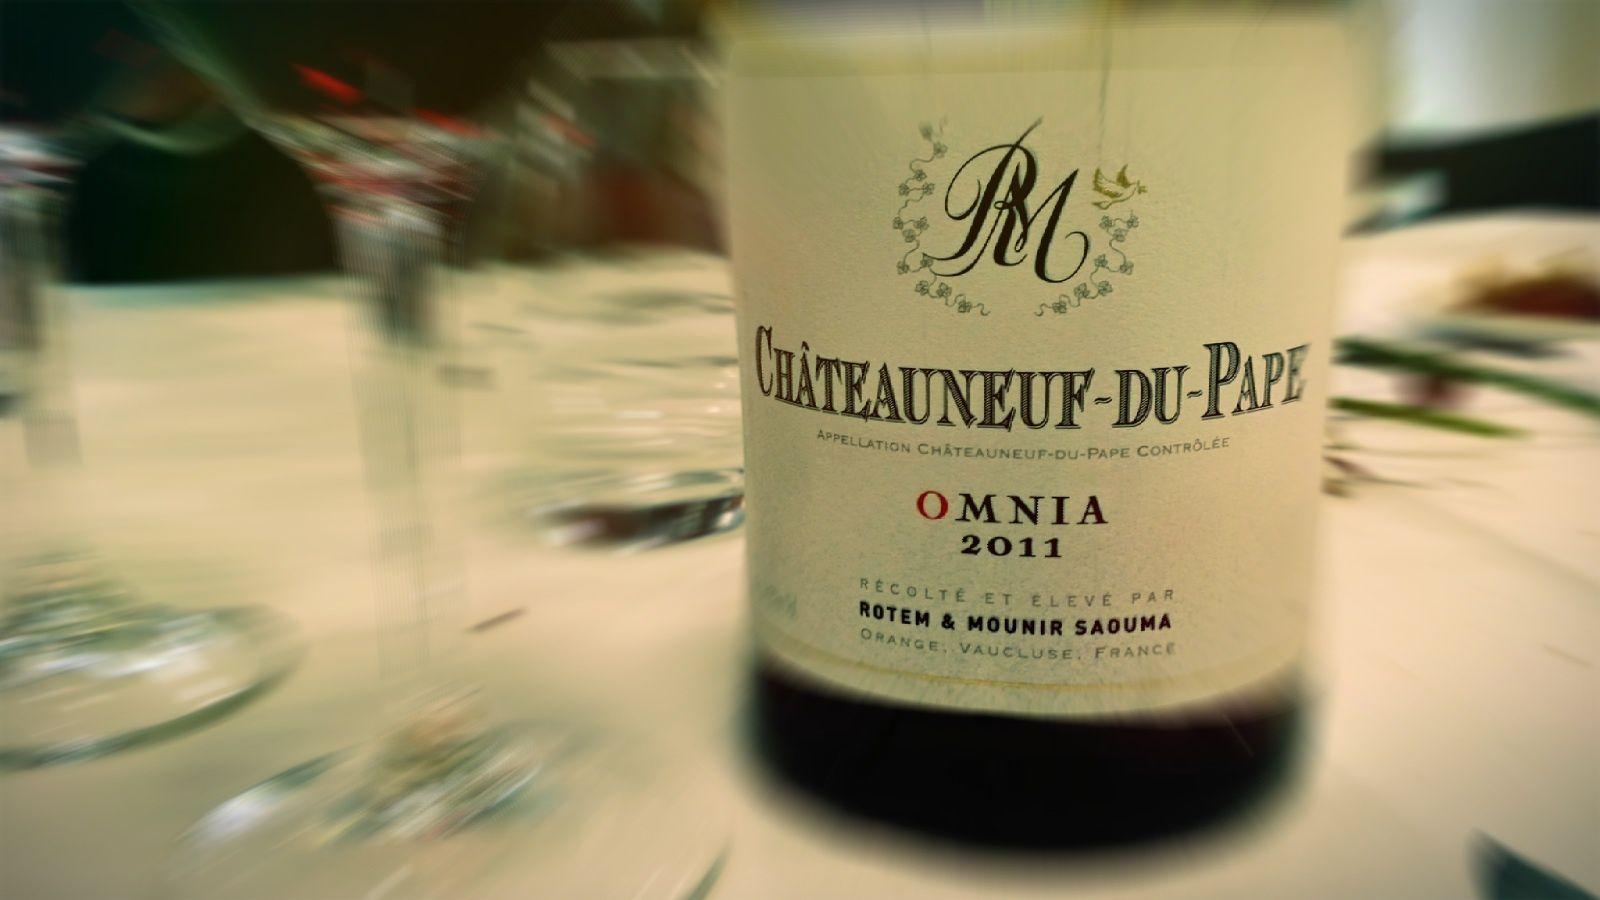 Très beau Châteauneuf du Pape plein, généreux mais cultivant une vraie distinction.